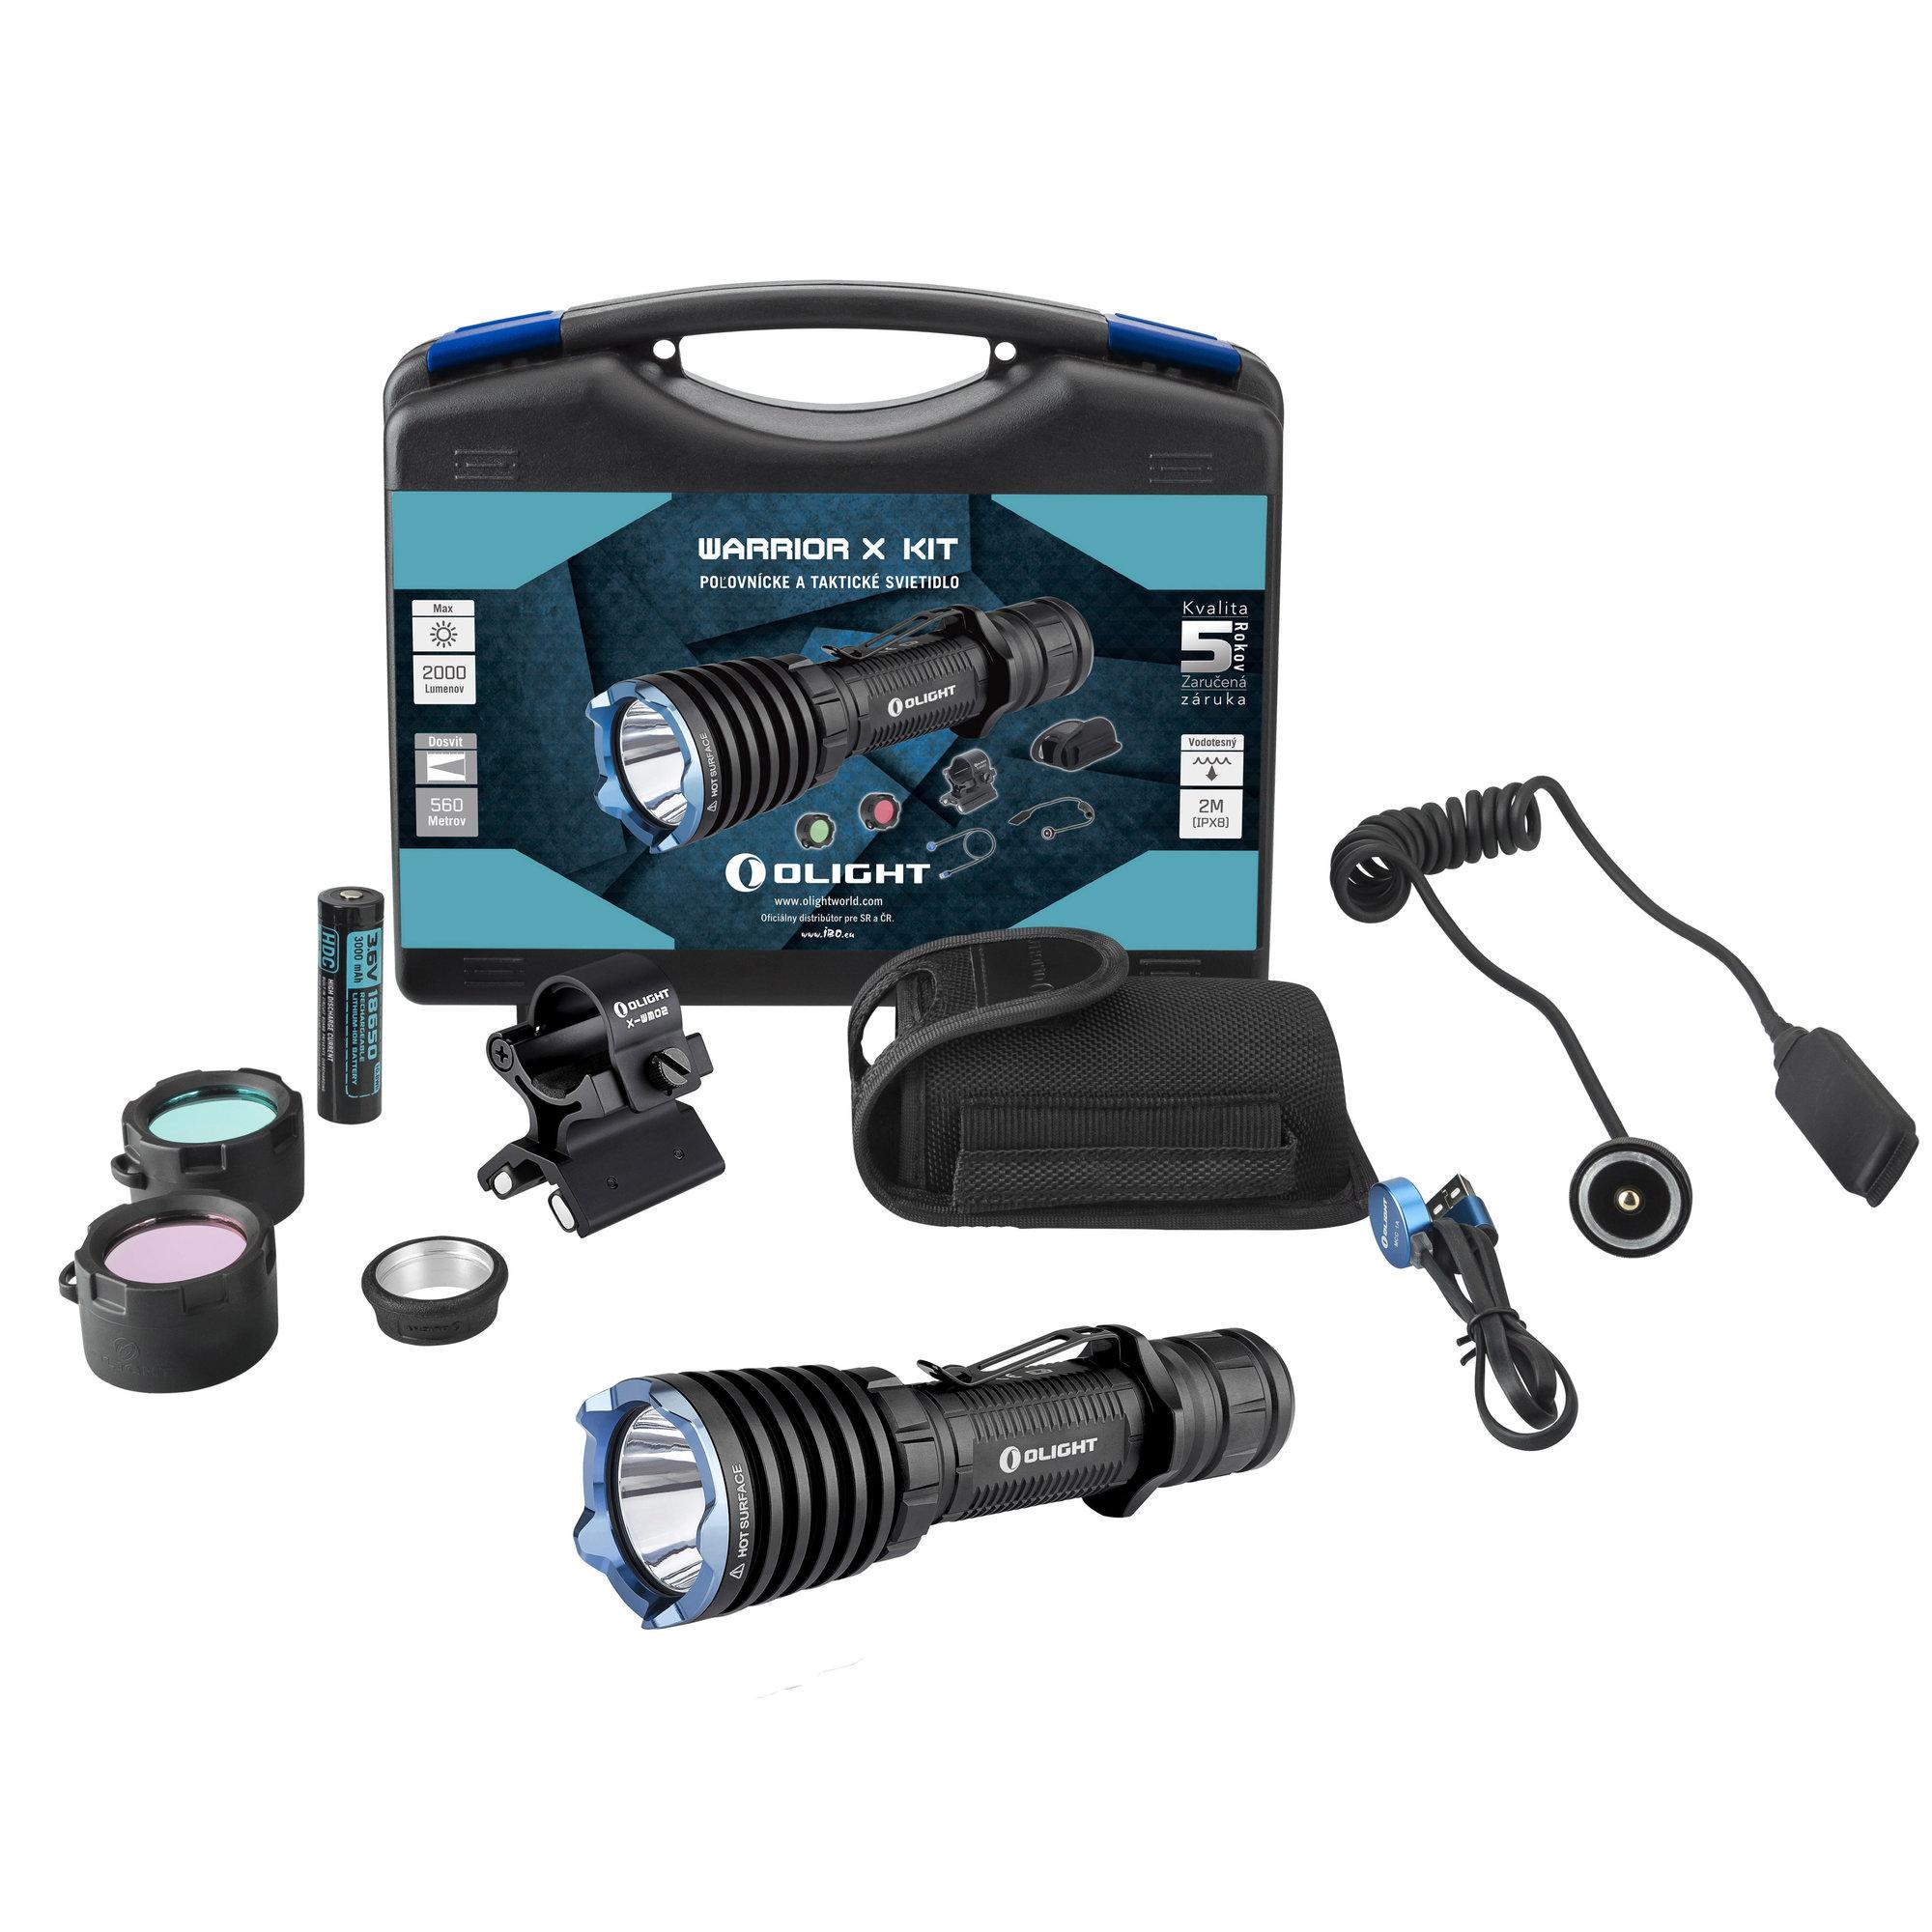 Poľovnícka LED baterka Olight Warrior X KIT 2000 lm